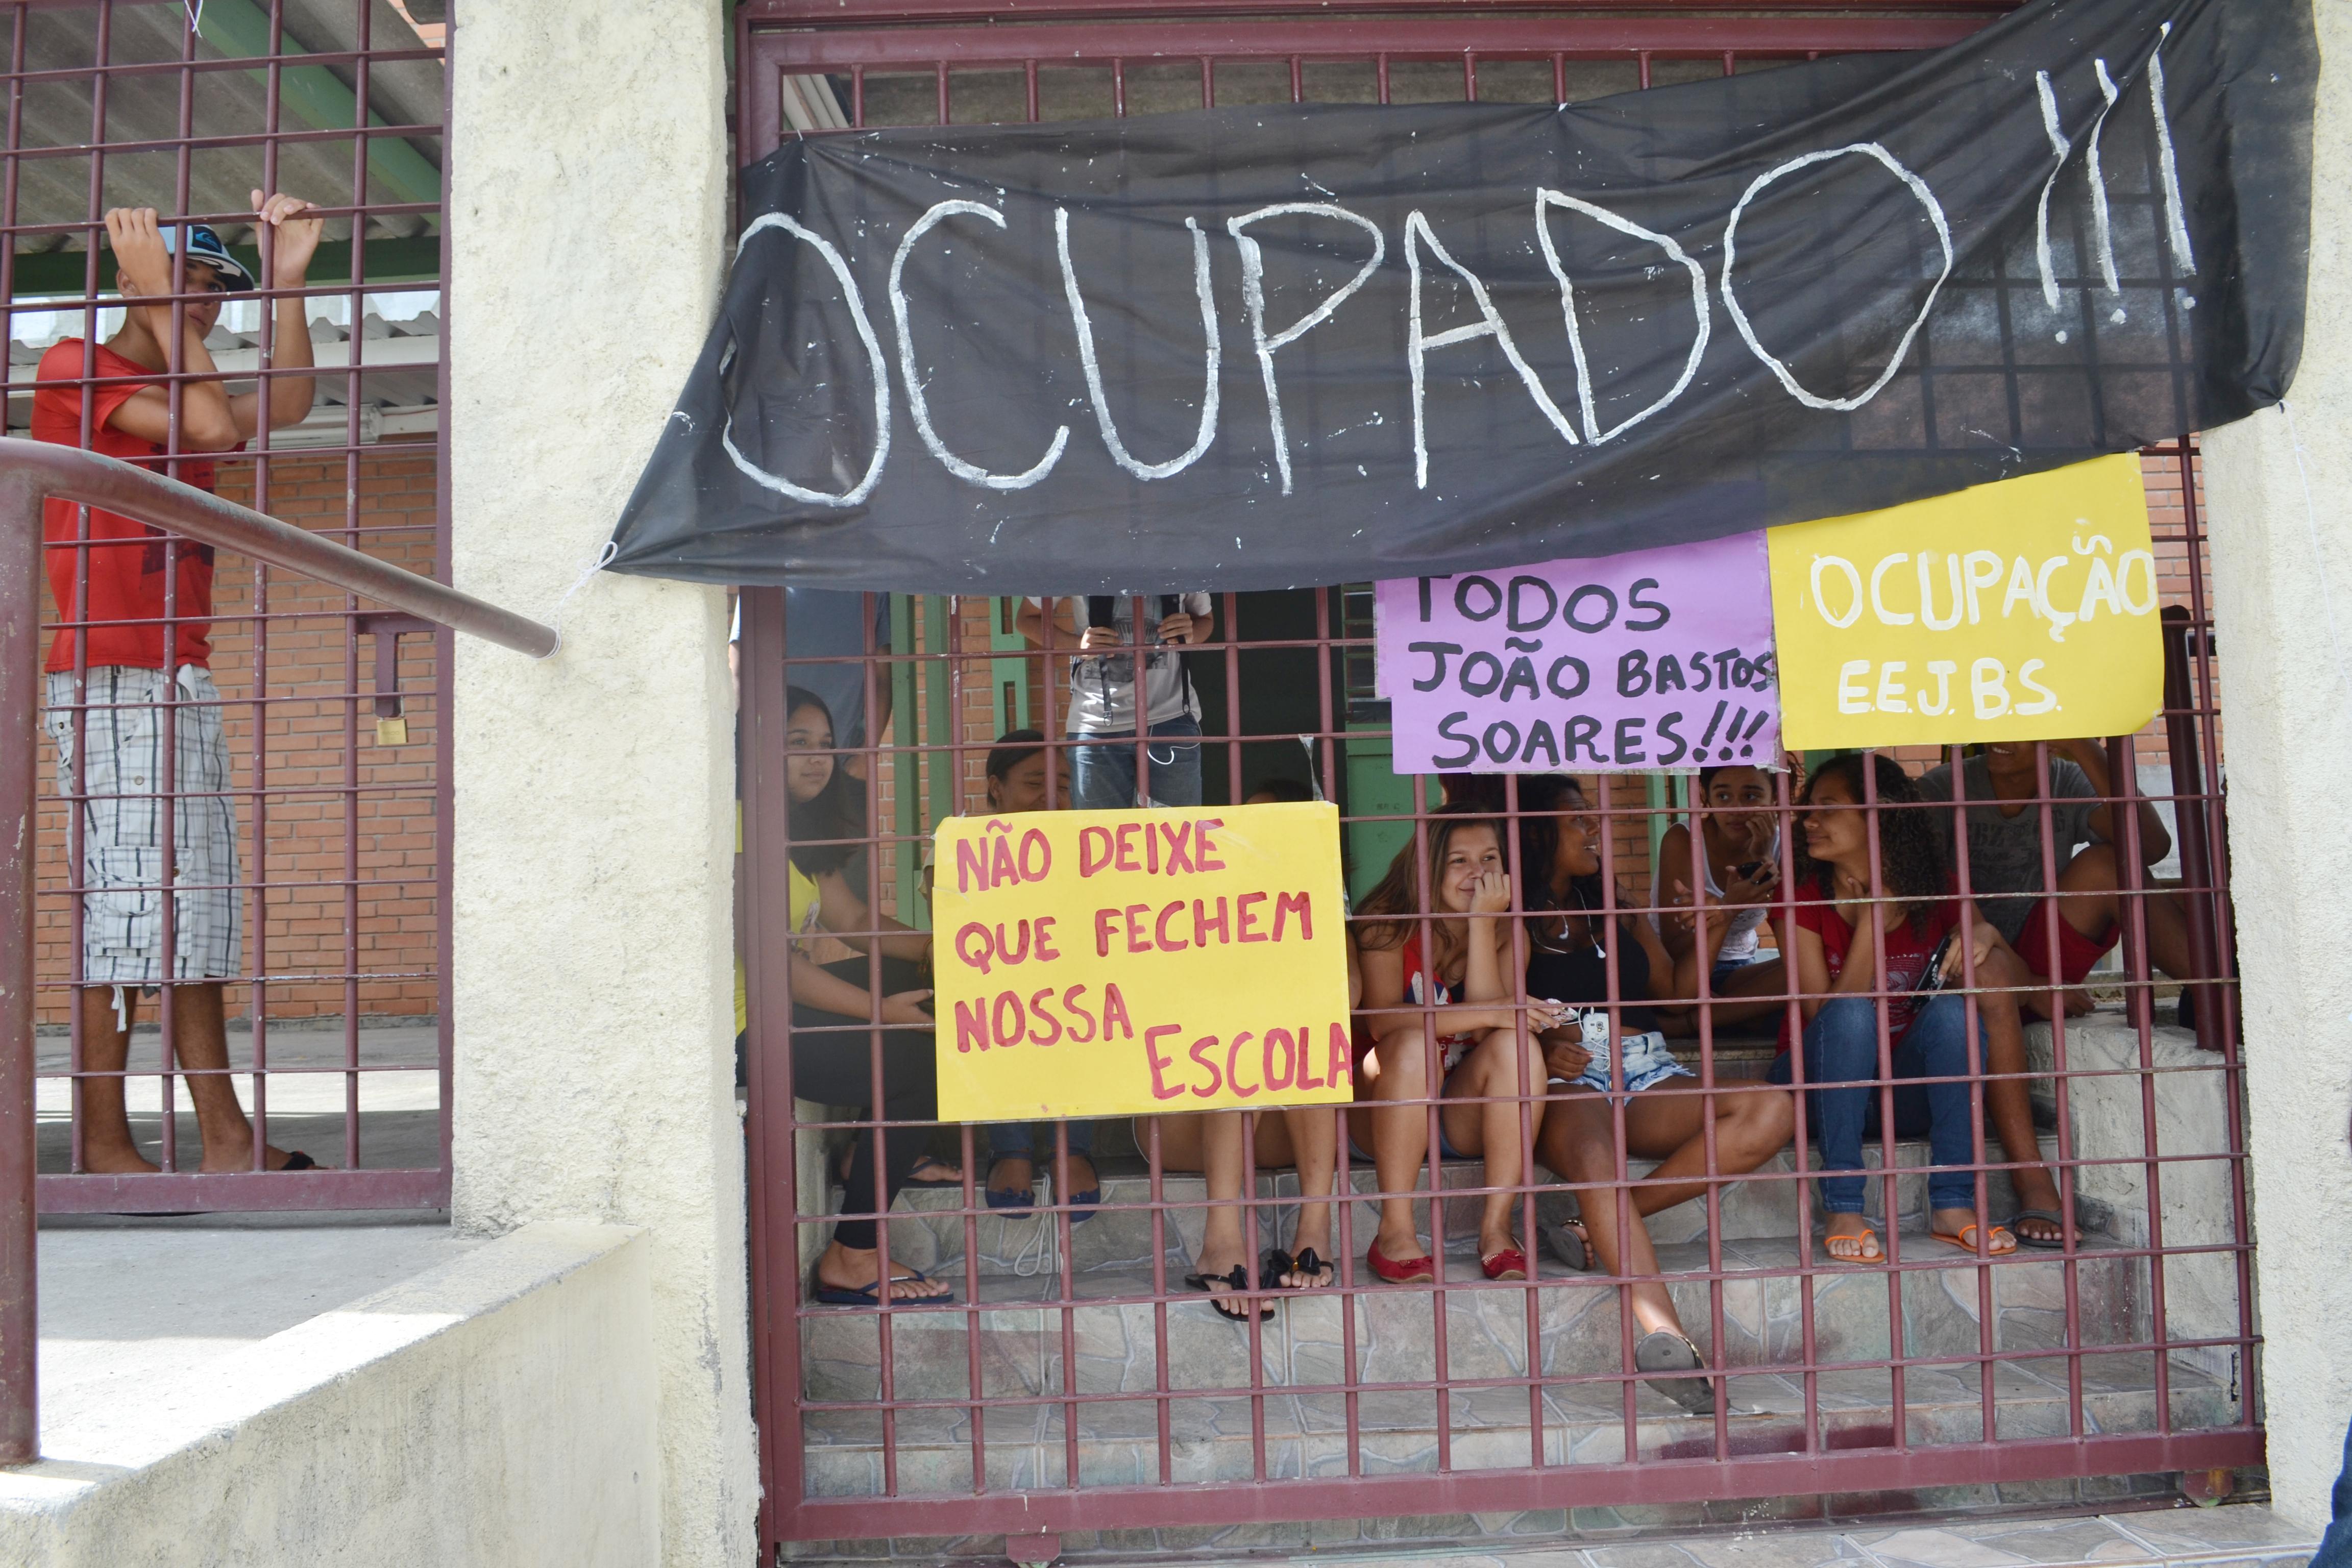 Alunos da João Bastos protestam contra fechamento da escola por determinação do Estado (Francisco Assis)